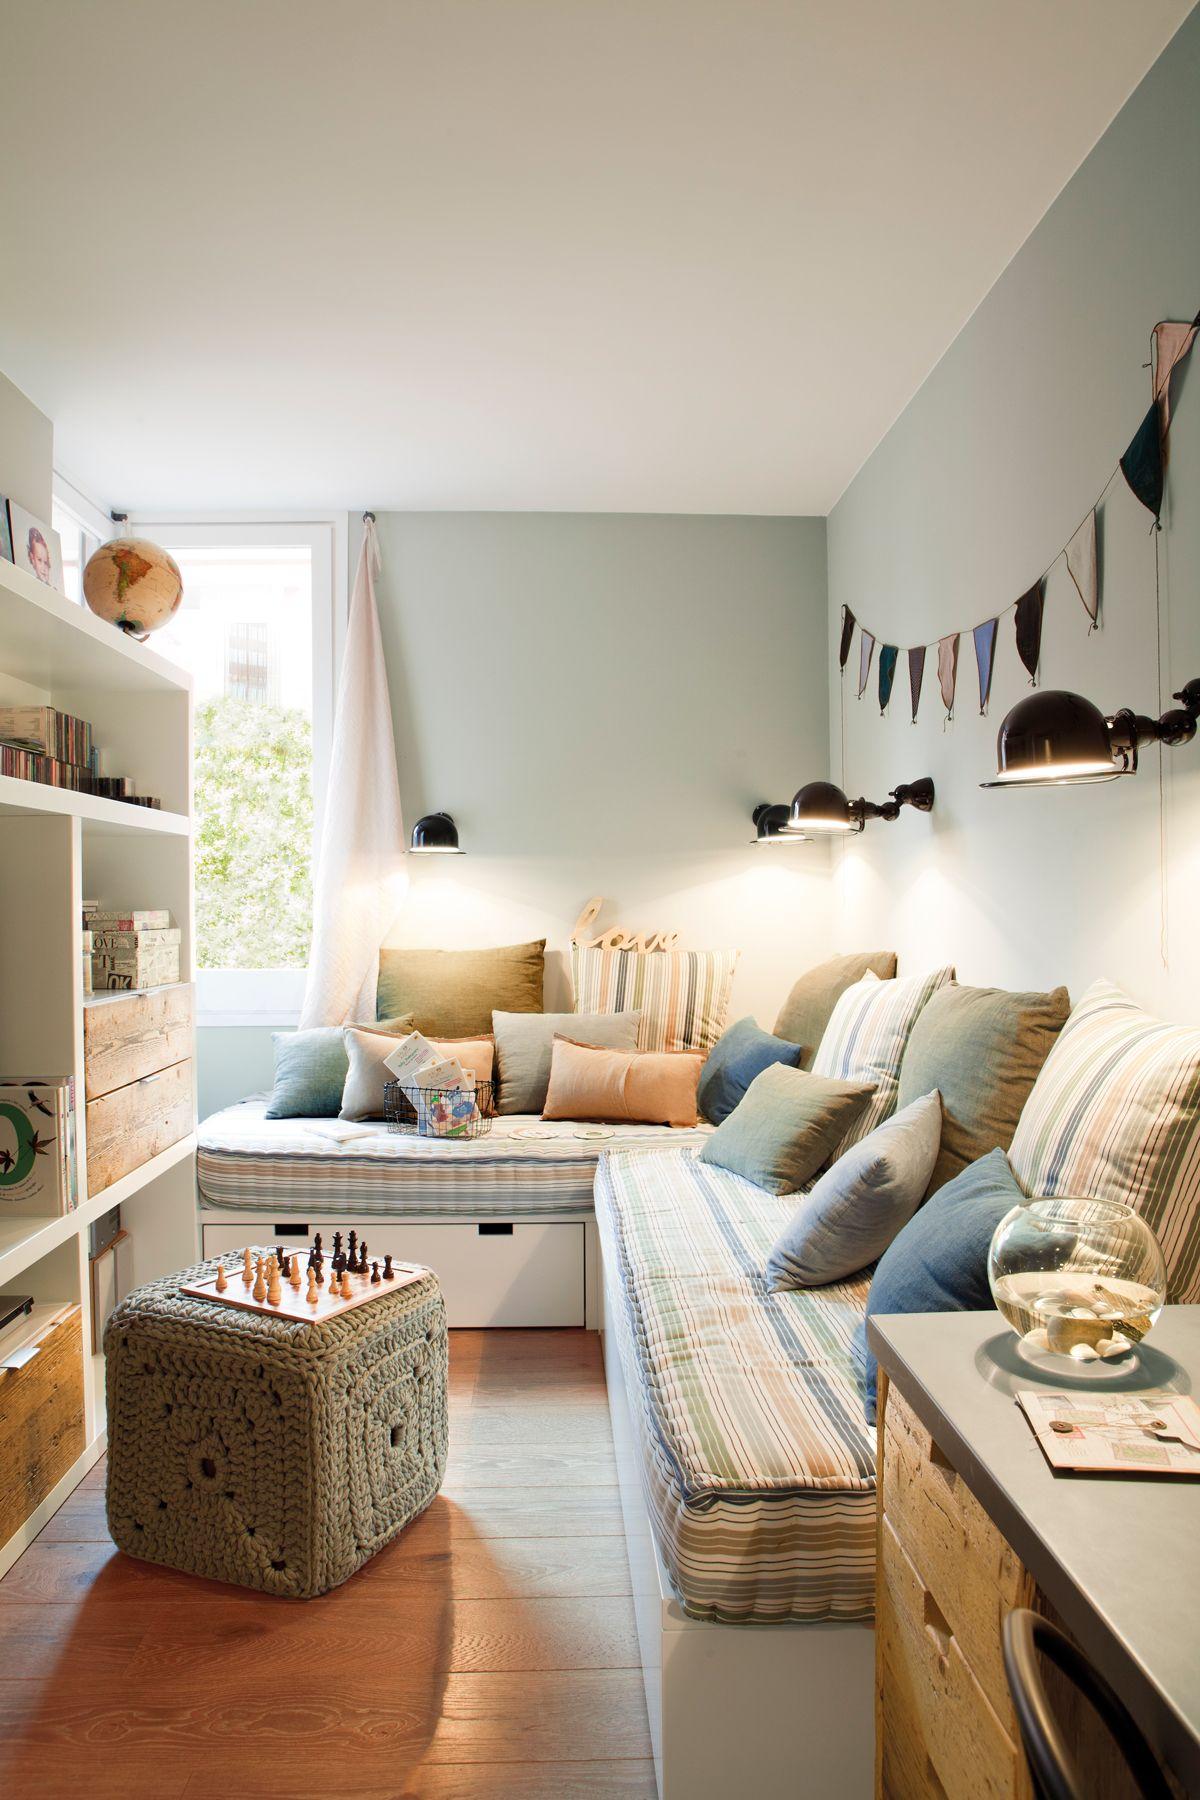 Habitaci N Infantil Con Dos Camas Con Cajones Y Ropa De Cama A